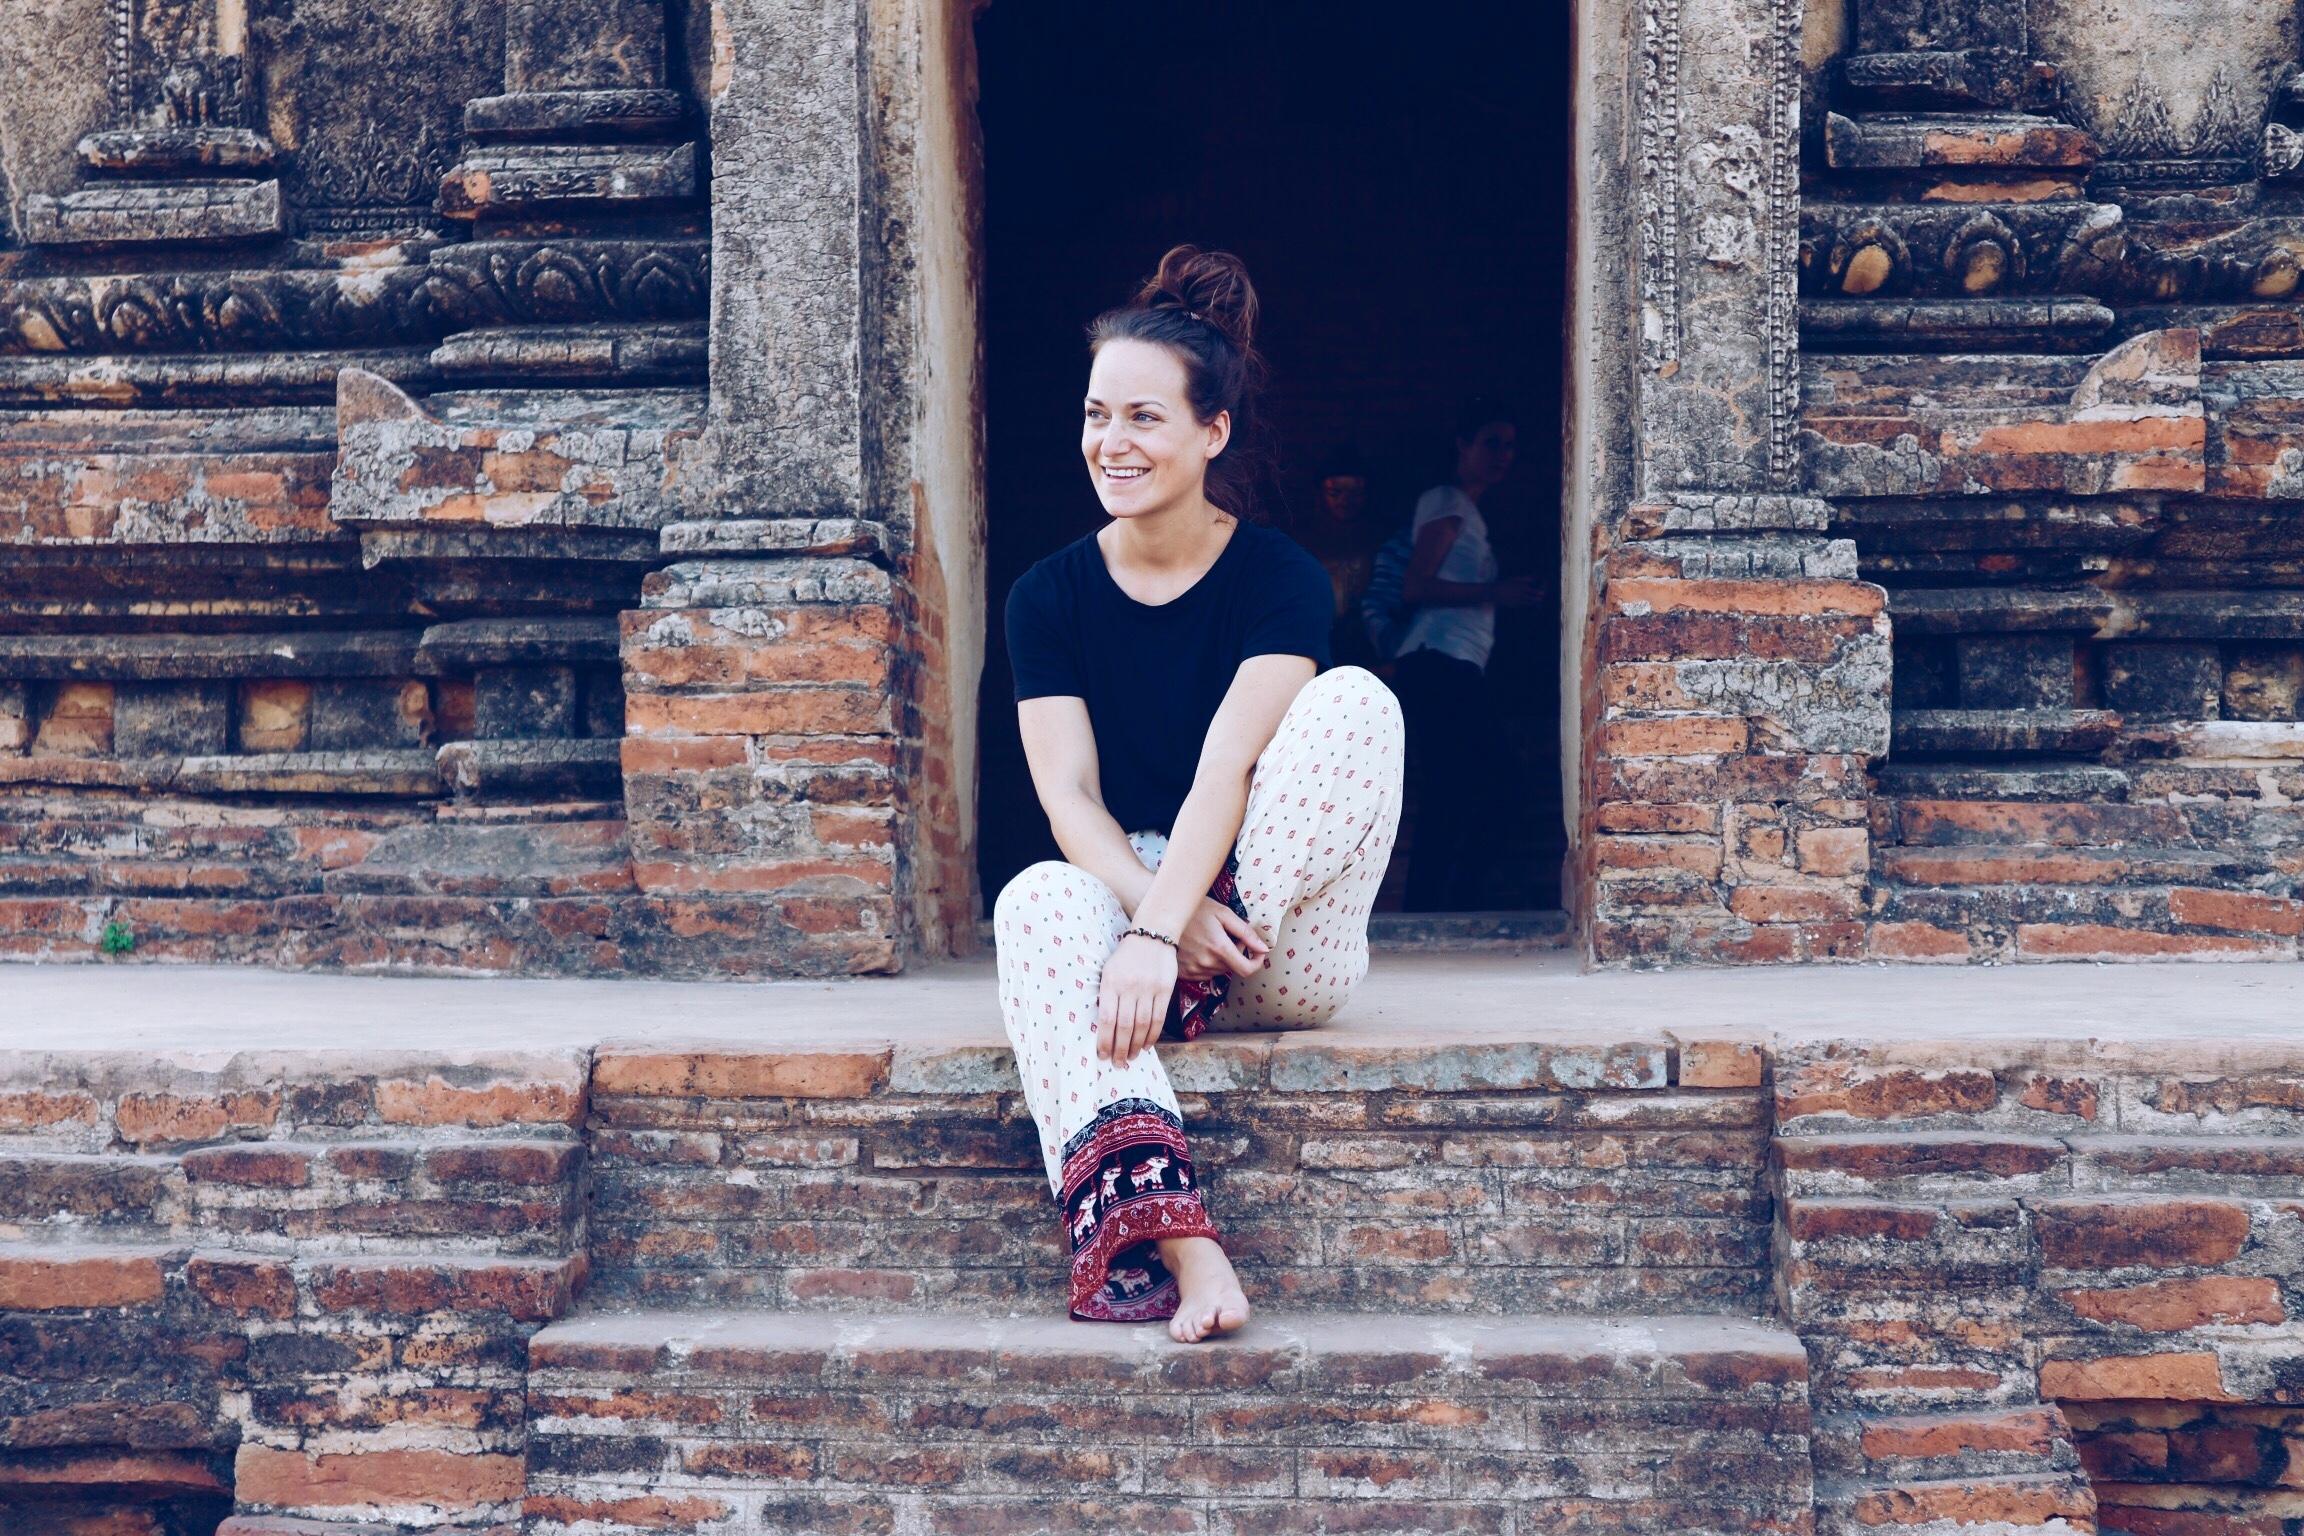 route, reizen, wereldreis, zuidoost azie ,azie, nieuw-zeeland, backpack, backpacken, travel, thailand, myanmar, laos, cambodja, vietnam, filipijnen, palawan, bali, indonesie